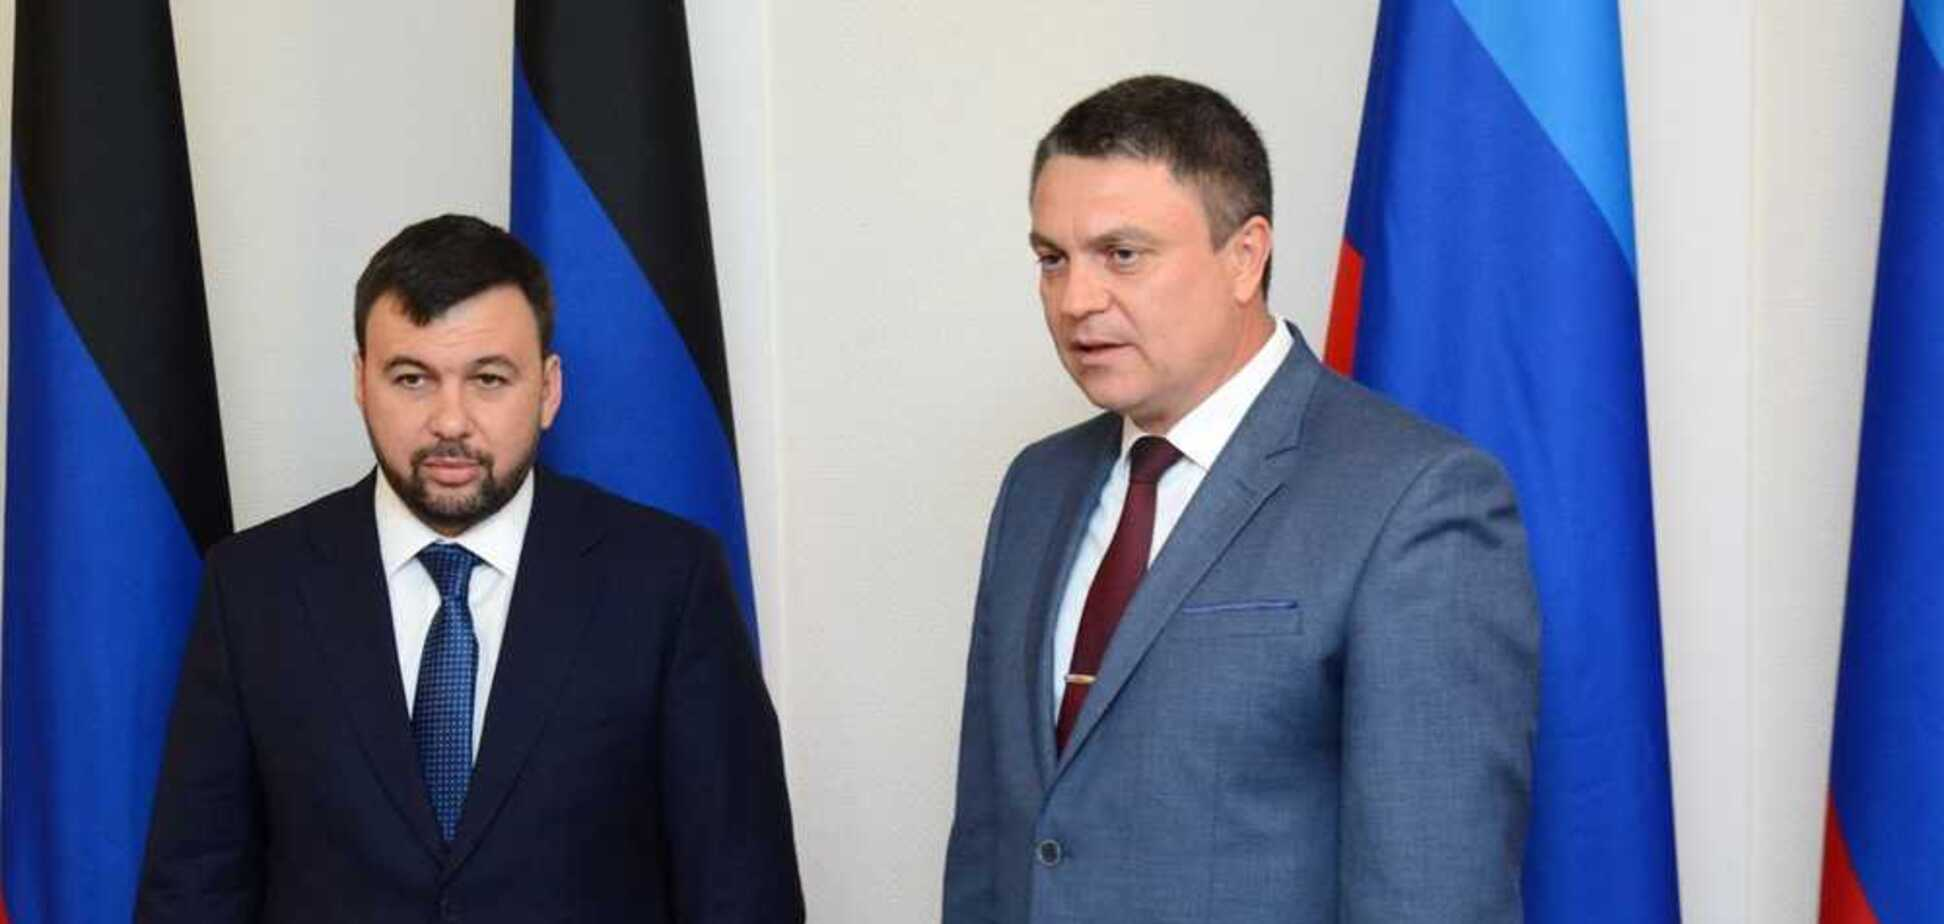 Главари 'ДНР' и 'ЛНР' отправились в Москву: что случилось